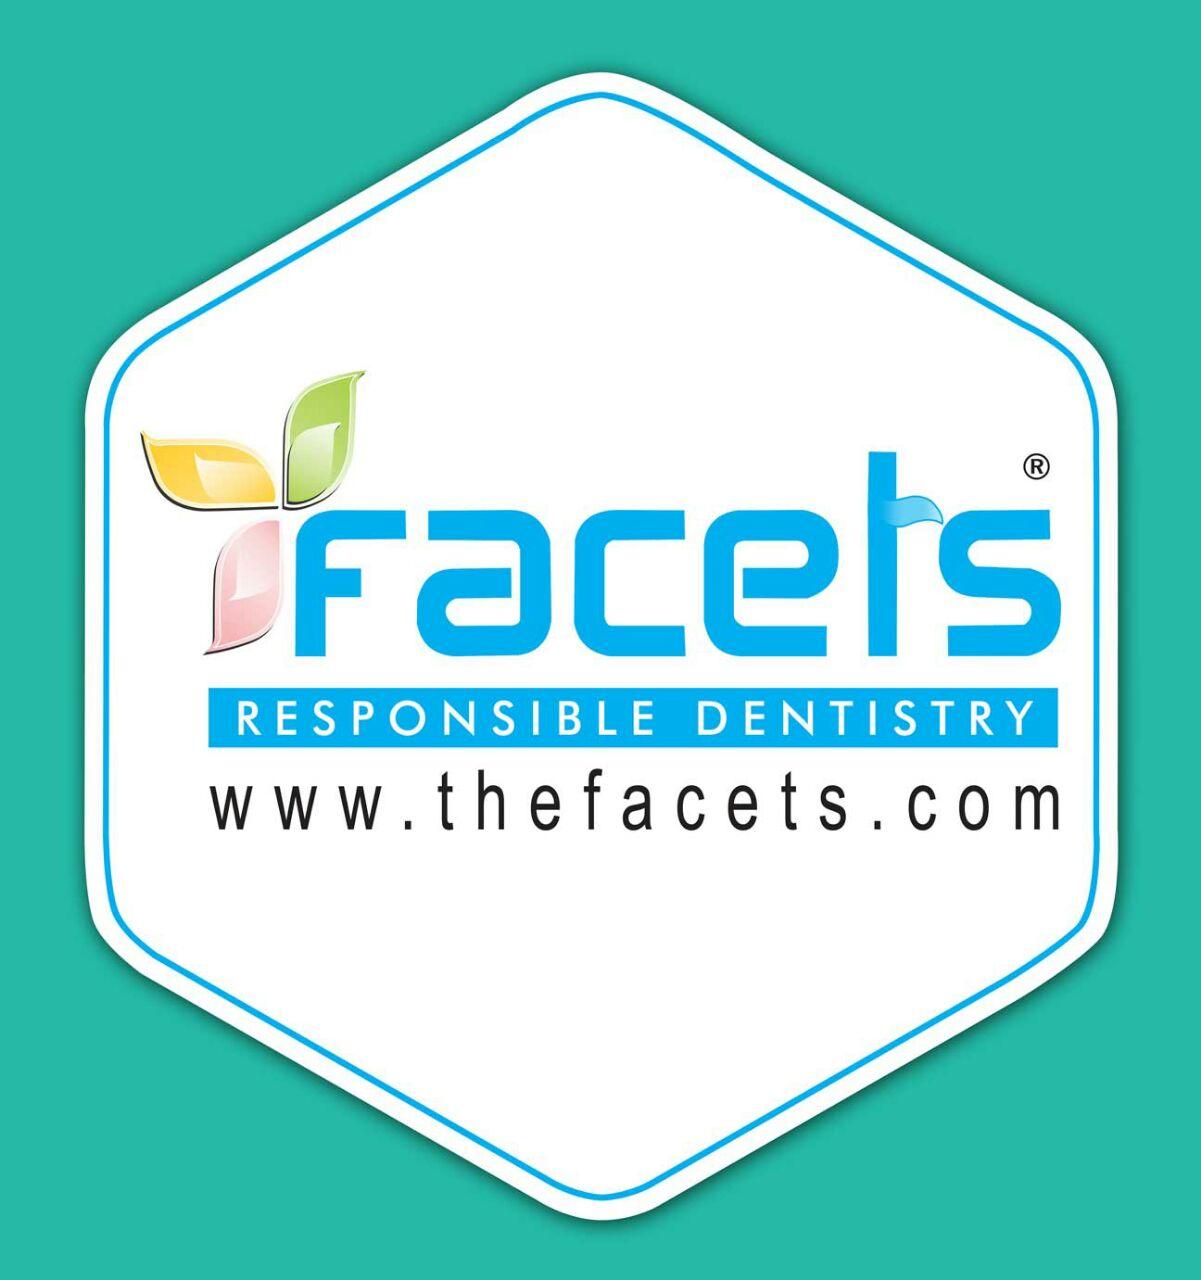 Facets Dental Practice - Fort Kochi, Kochi